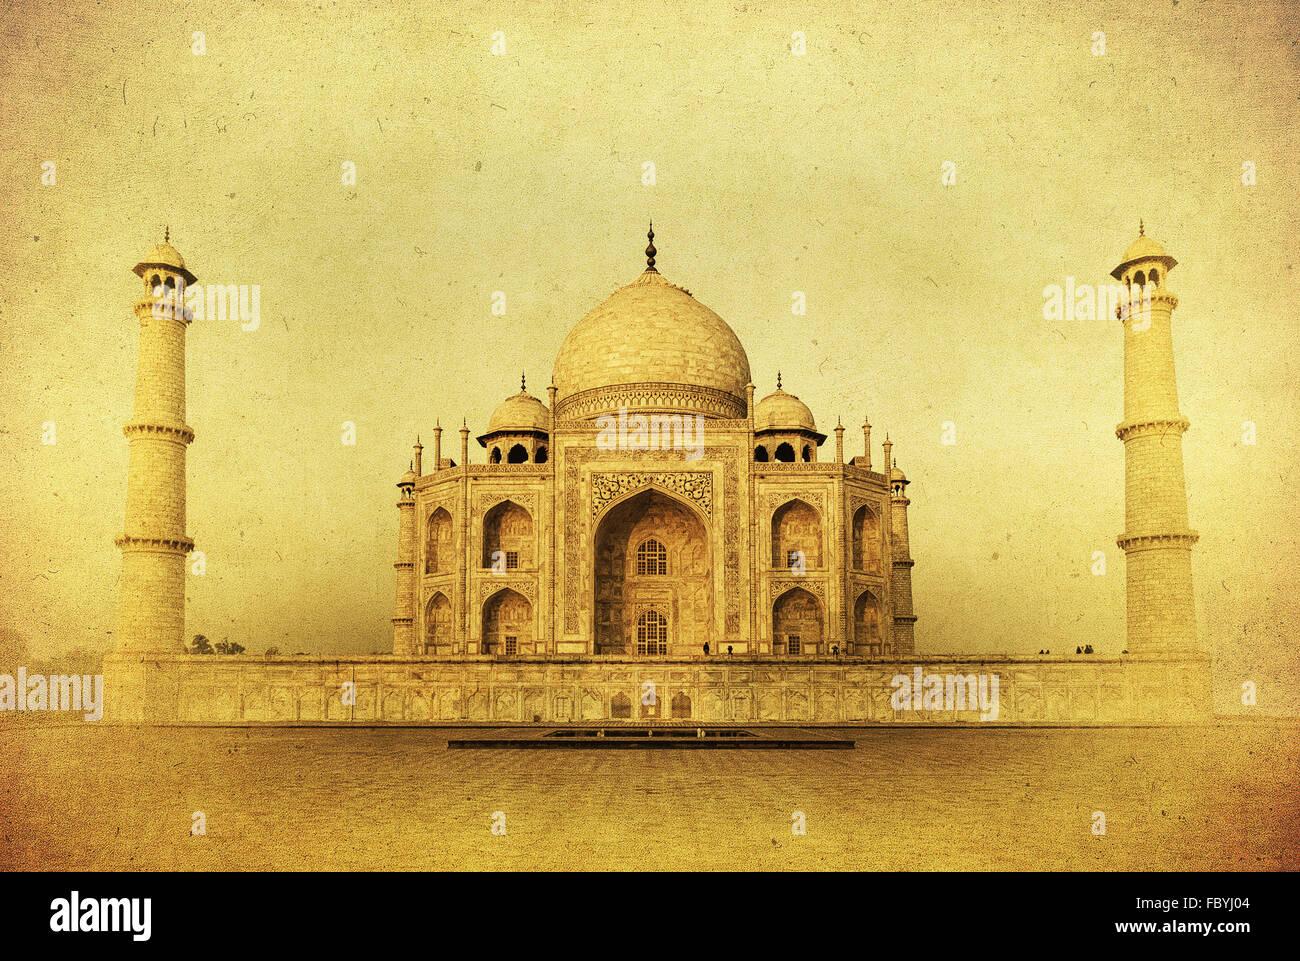 Imagen vintage de Taj Mahal al amanecer, Agra, India Imagen De Stock